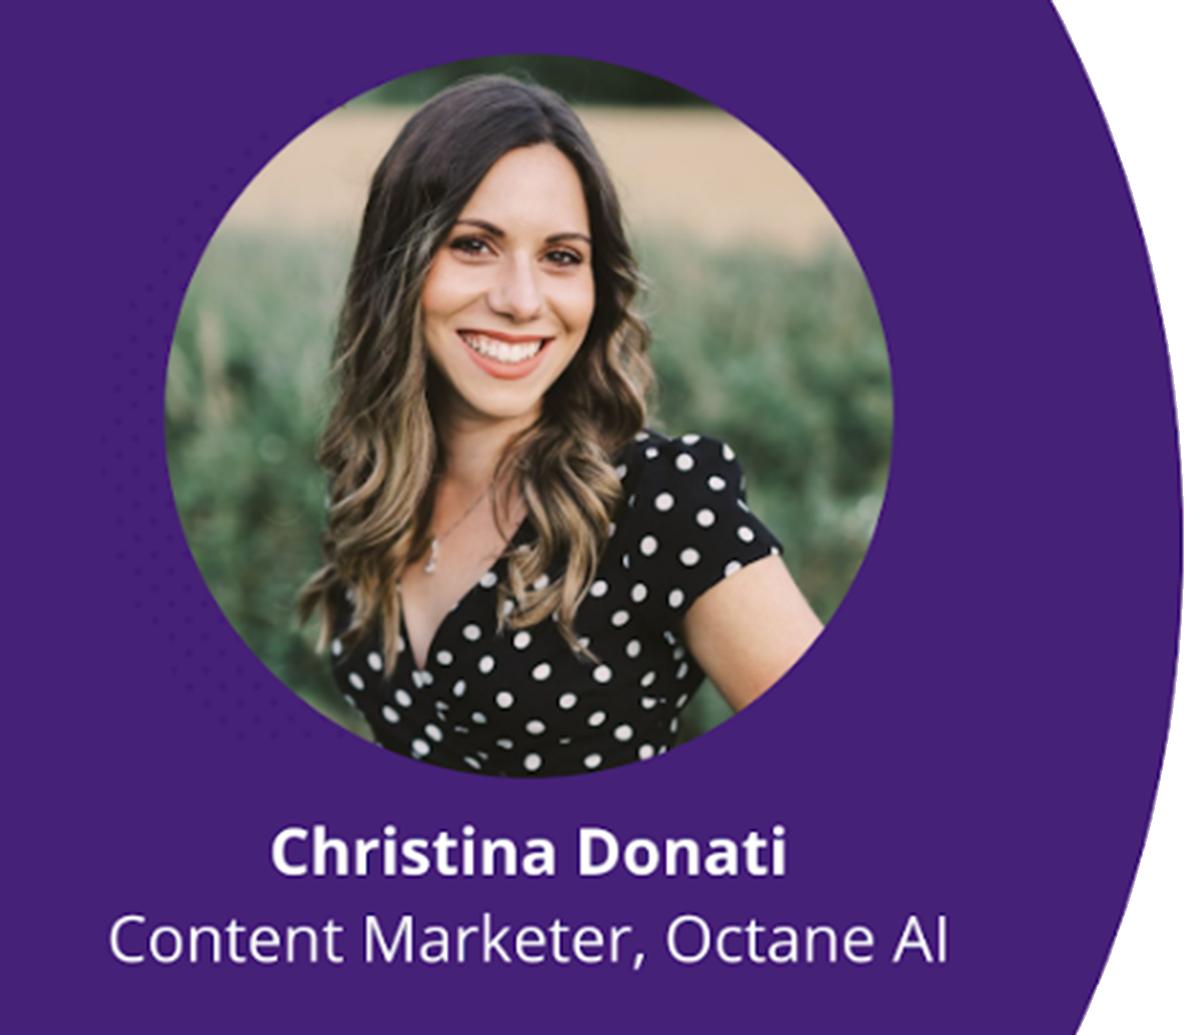 Christina Donati, Content Marketer, Octane AI